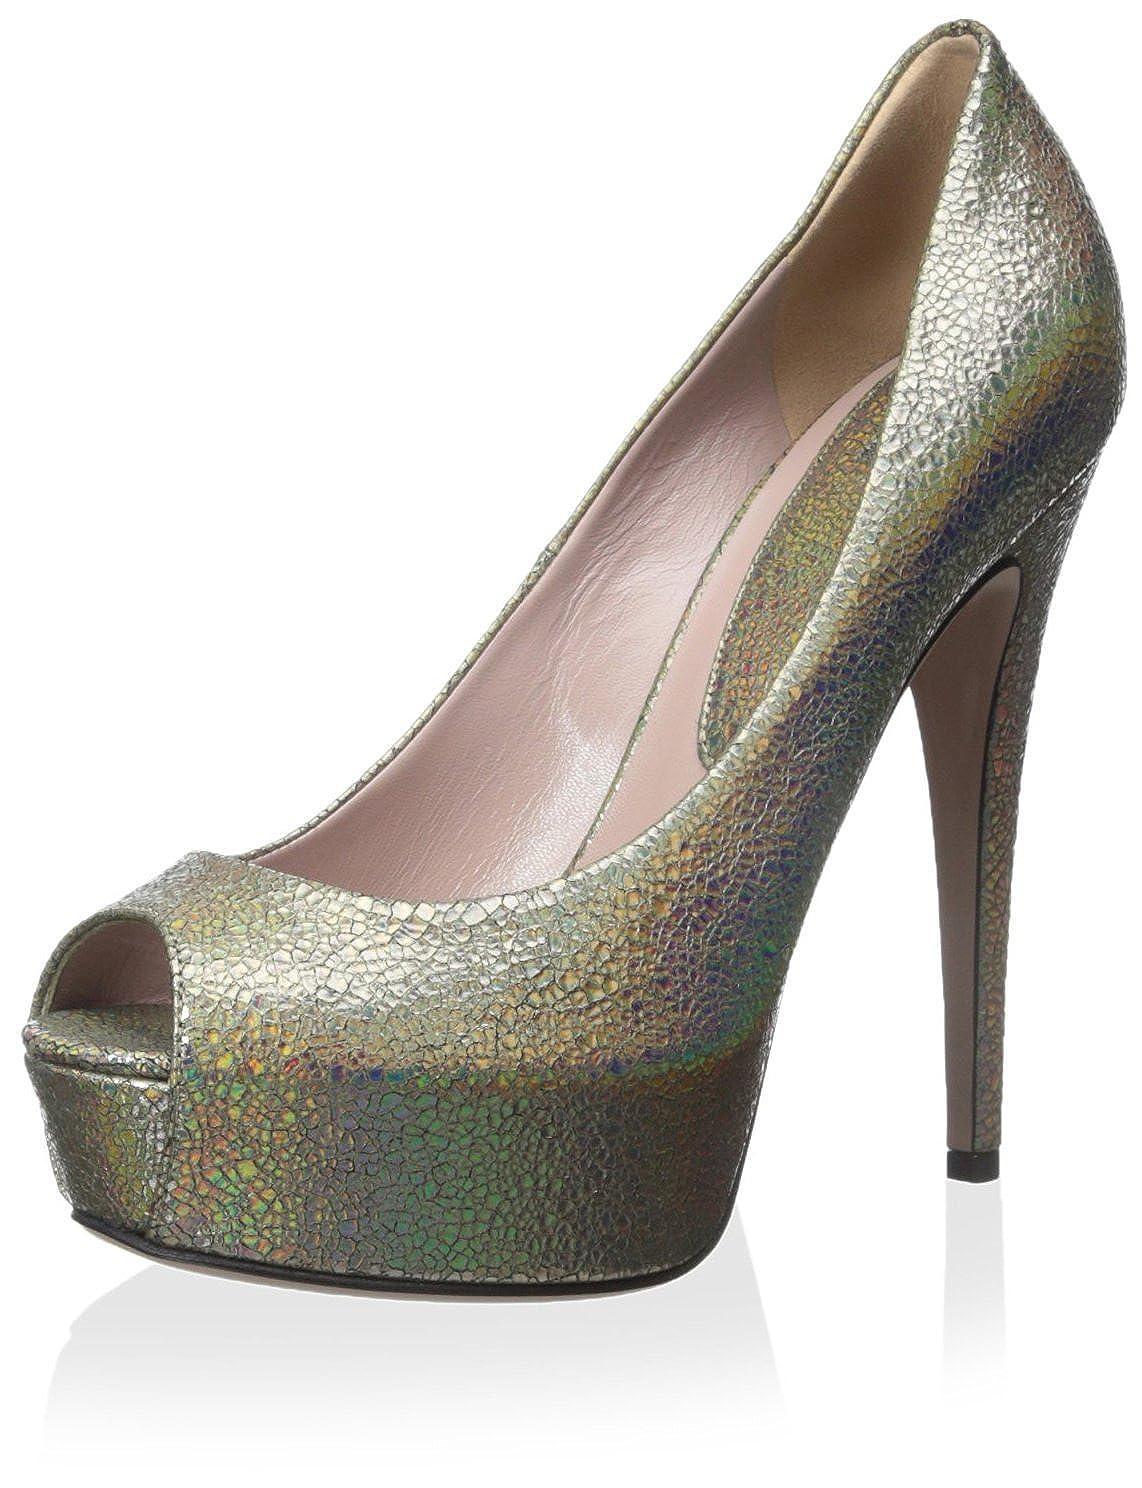 902d2fb8d6c2e Amazon.com: Gucci Women's Peep Toe Pump, Fawn, 38.5 M EU/8.5 M US: Shoes